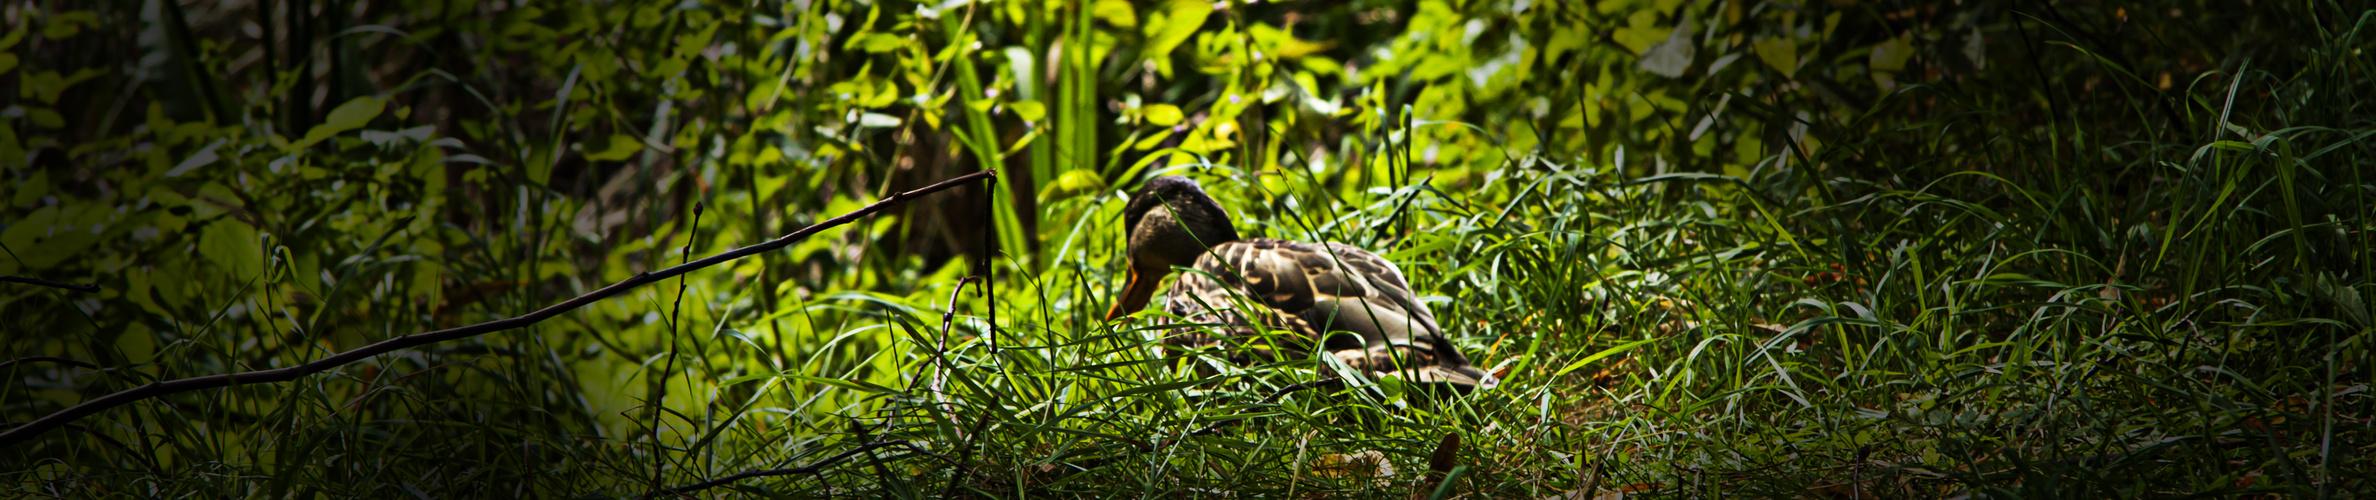 Ente süß nicht sauer